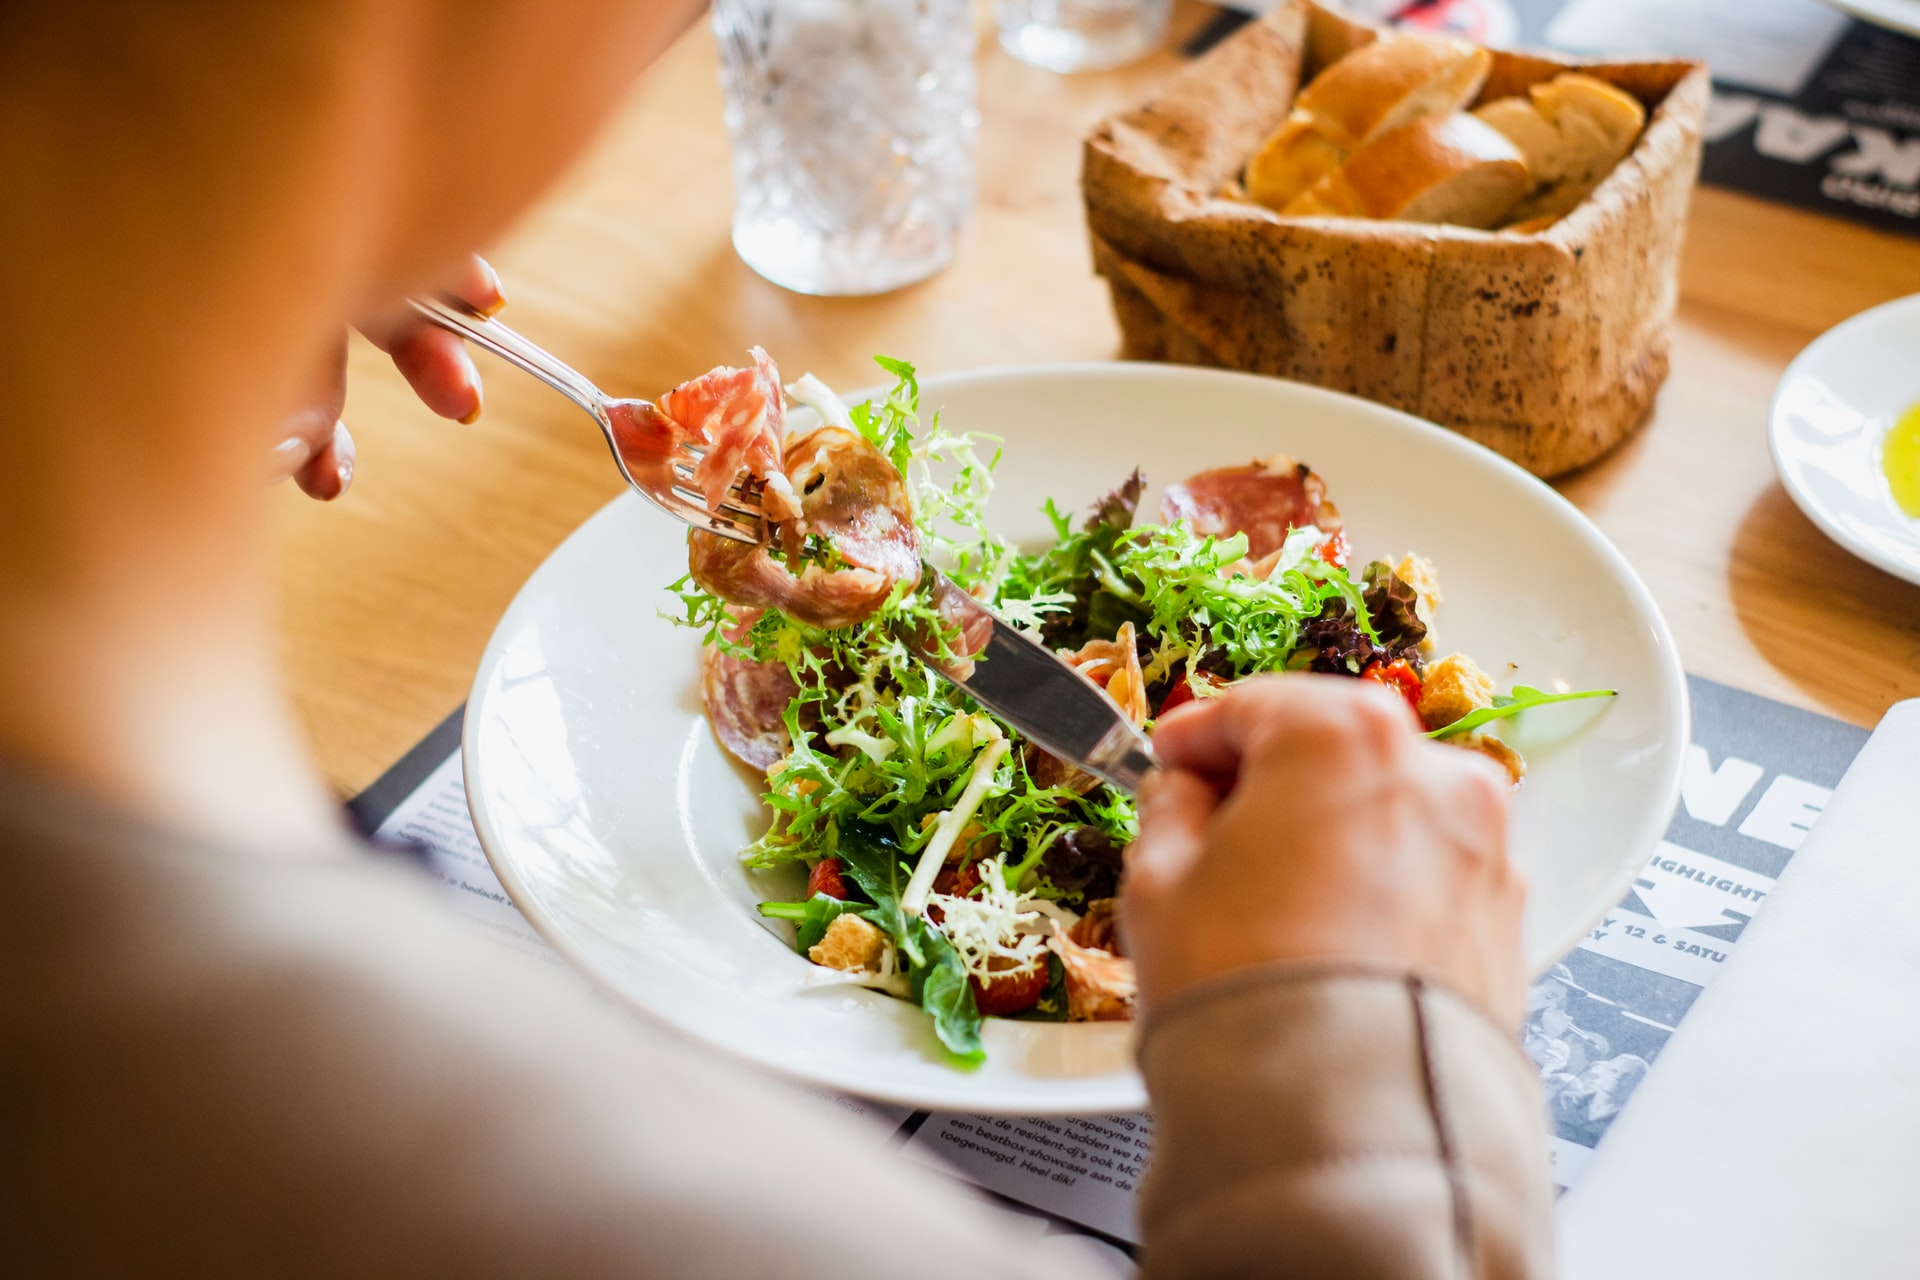 Co powinniśmy wiedzieć o diecie?